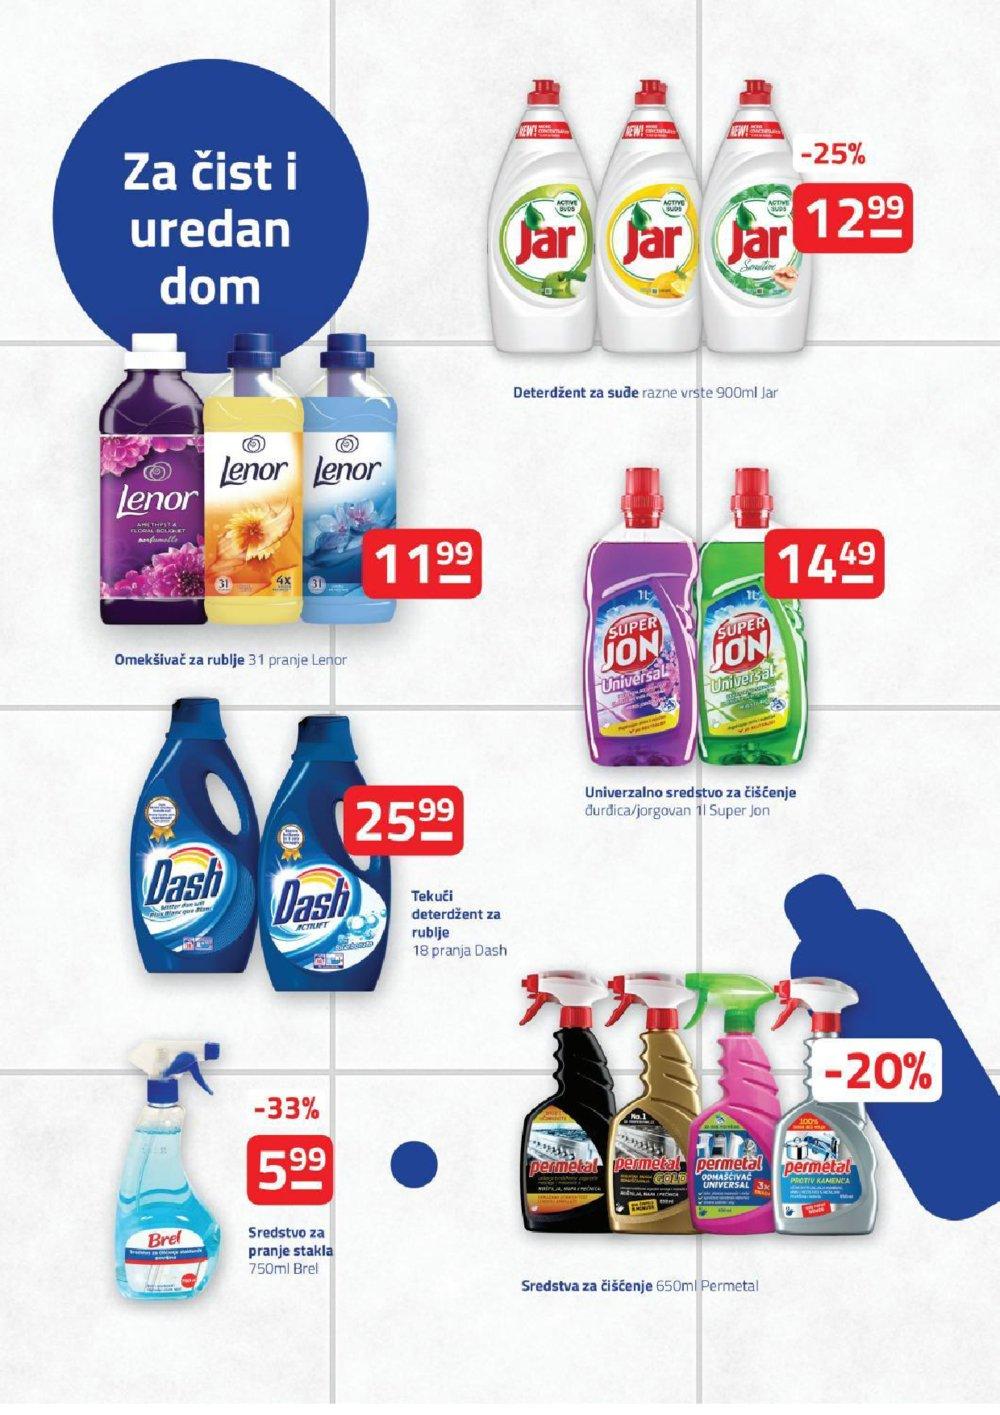 Jadranka katalog akcija 13.05.-16.05.2019.